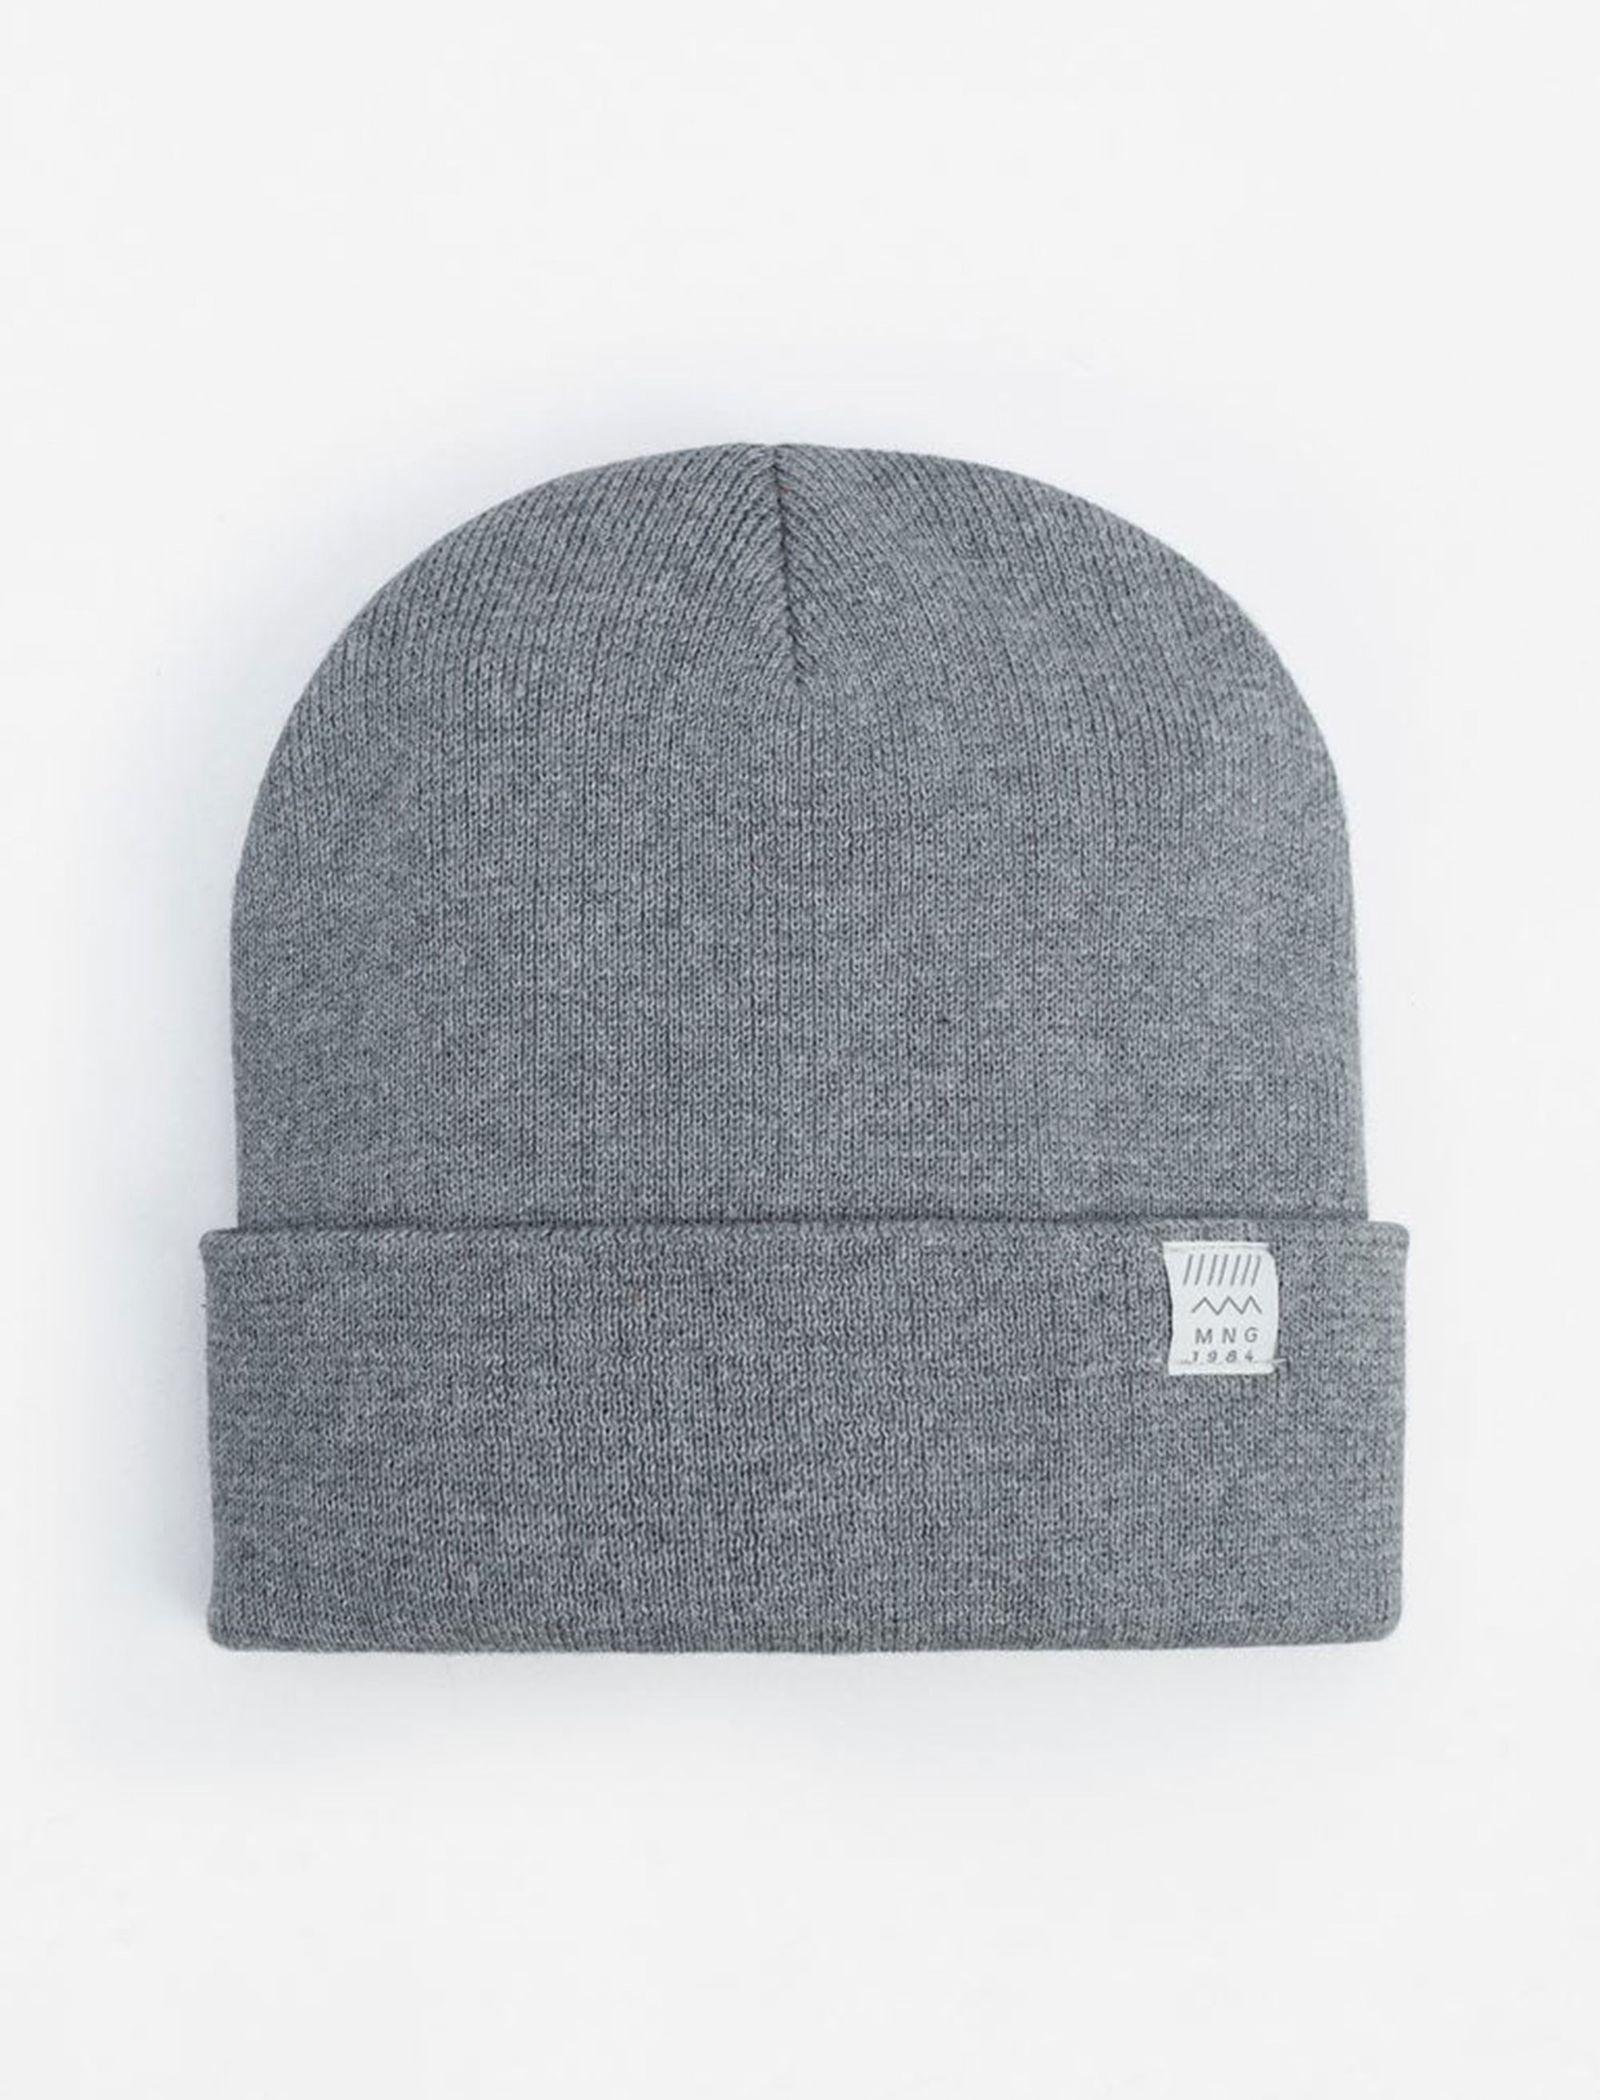 کلاه بافتنی پسرانه - مانگو - طوسي - 1